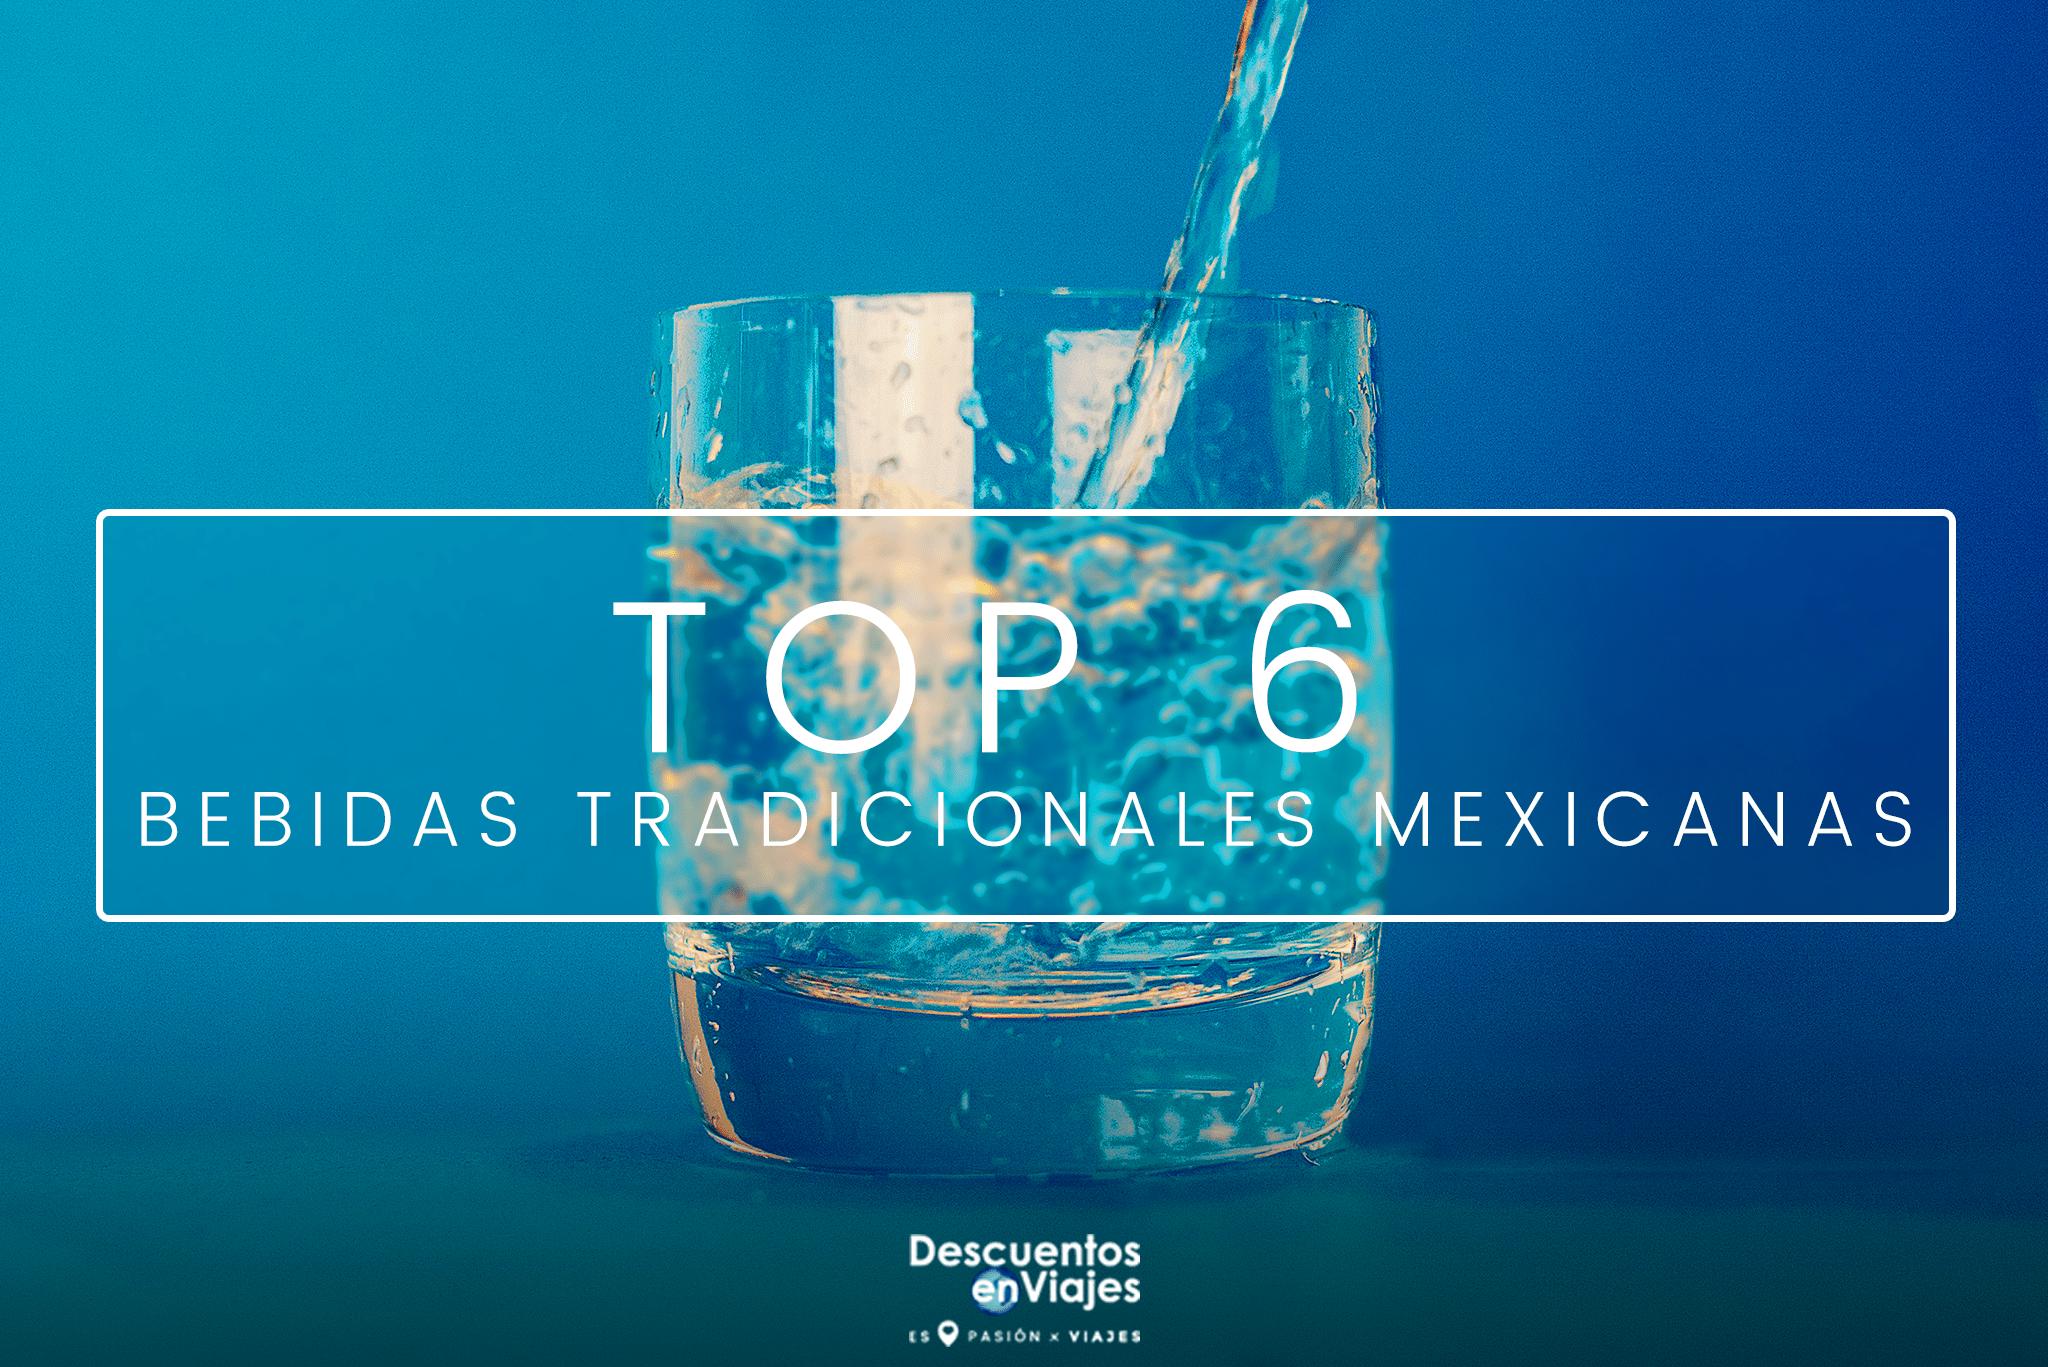 bebidas tradicionales mexicanas descuentos viajes